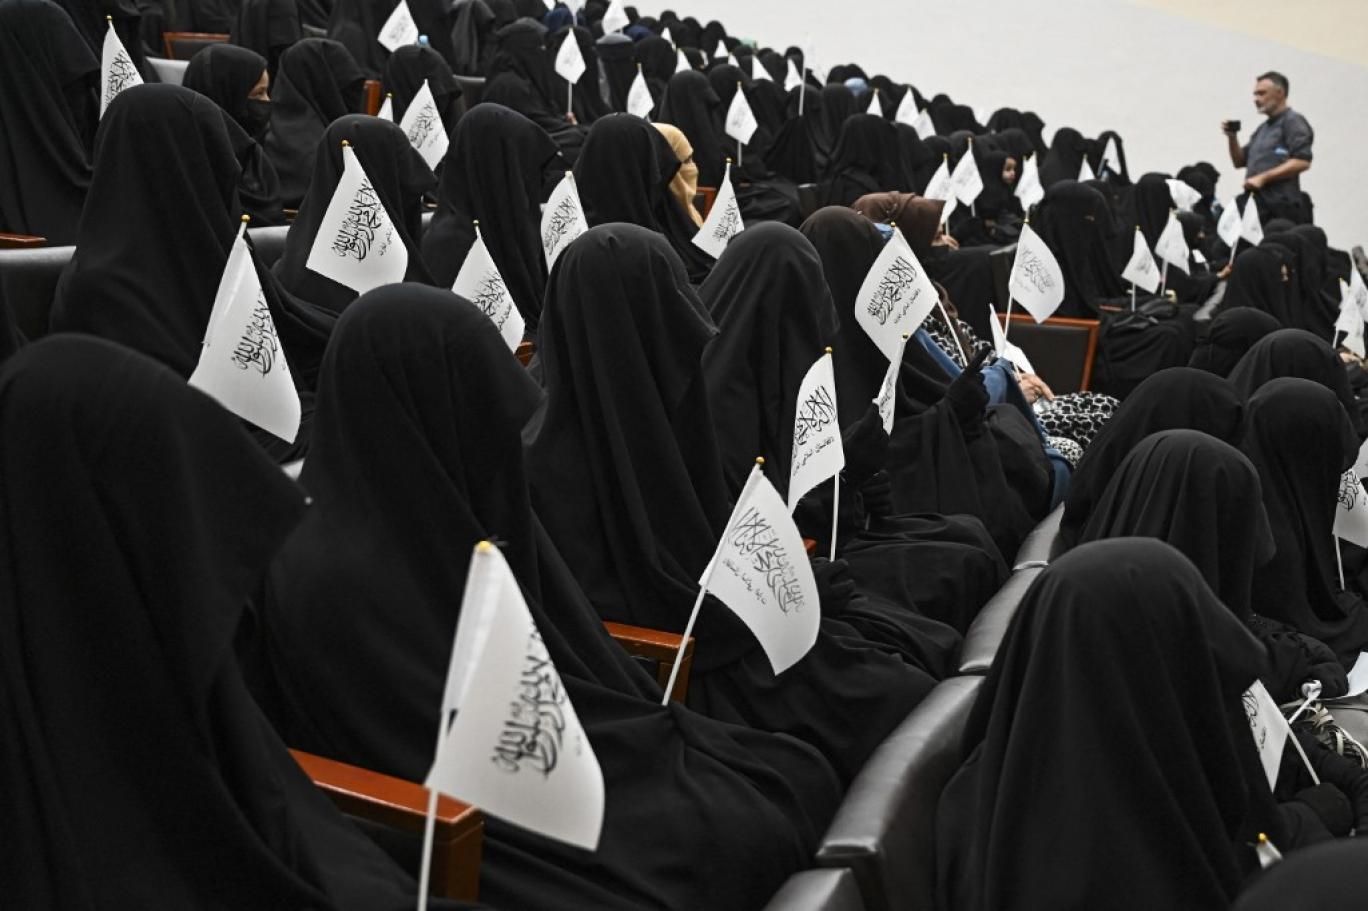 آیا اسلام سیاسی به پایان خط رسیده یا اینکه با موج دوم پیروزی آن روبهرو هستیم؟